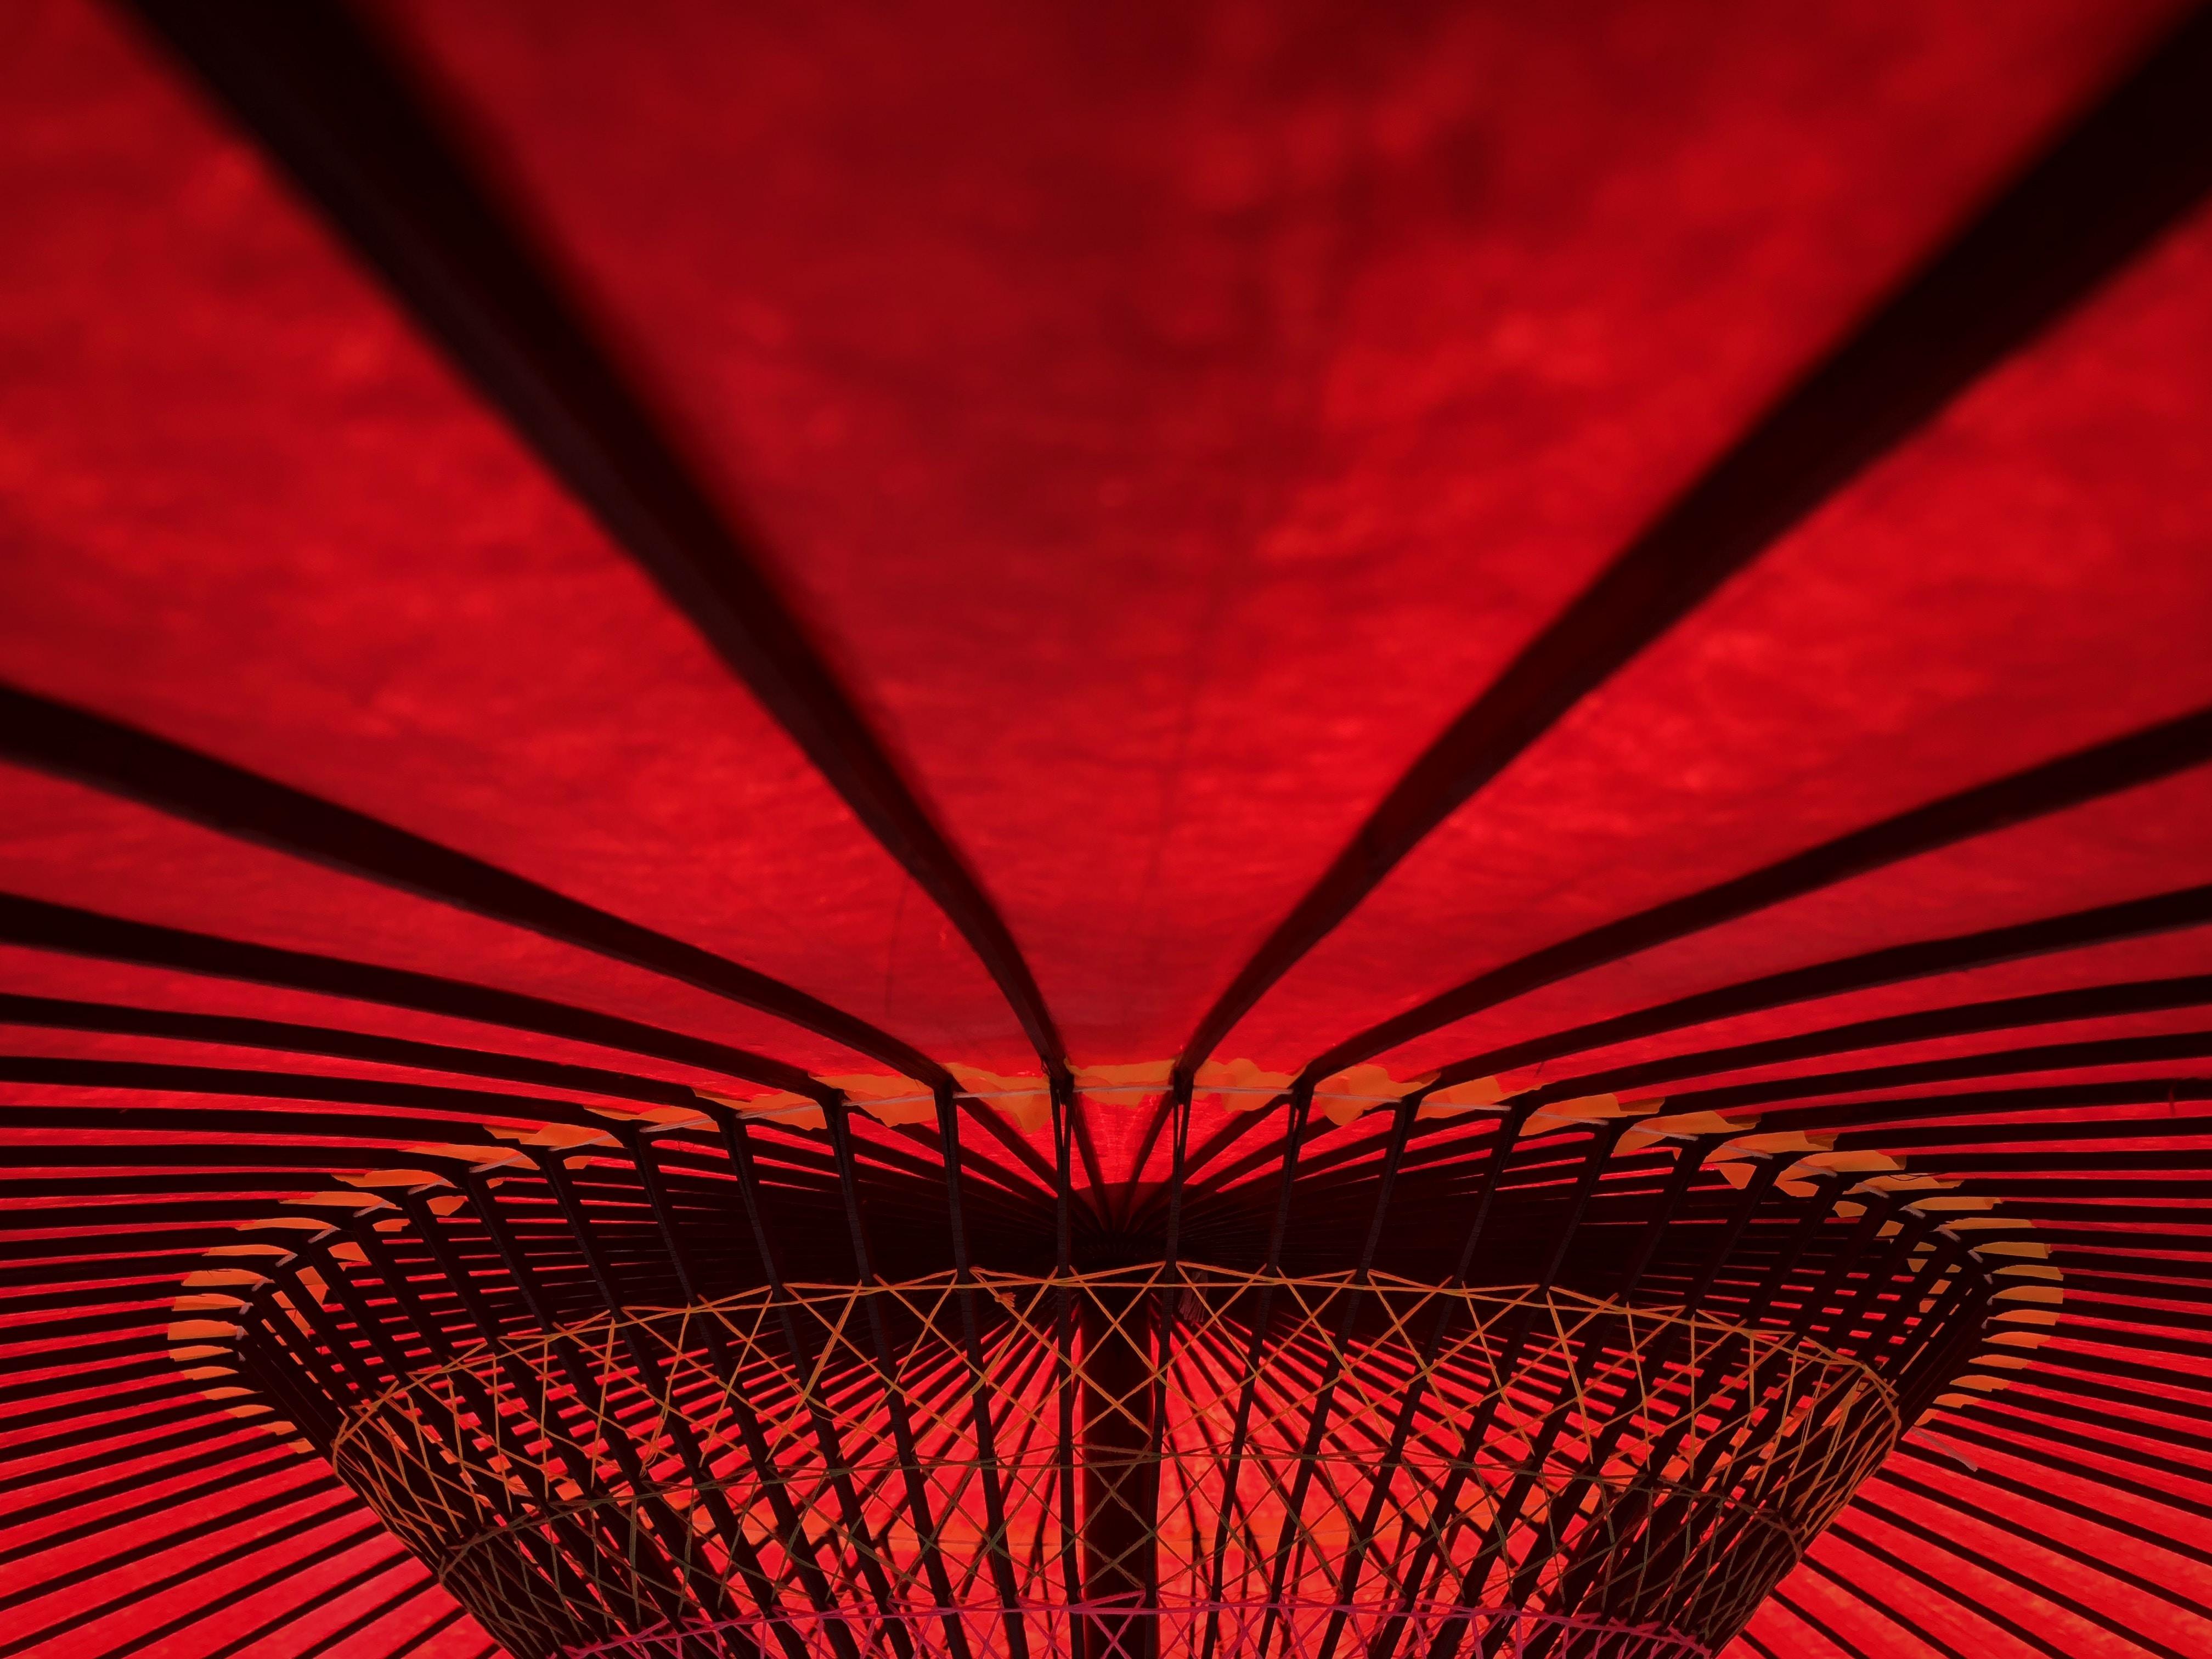 red umbrella interior